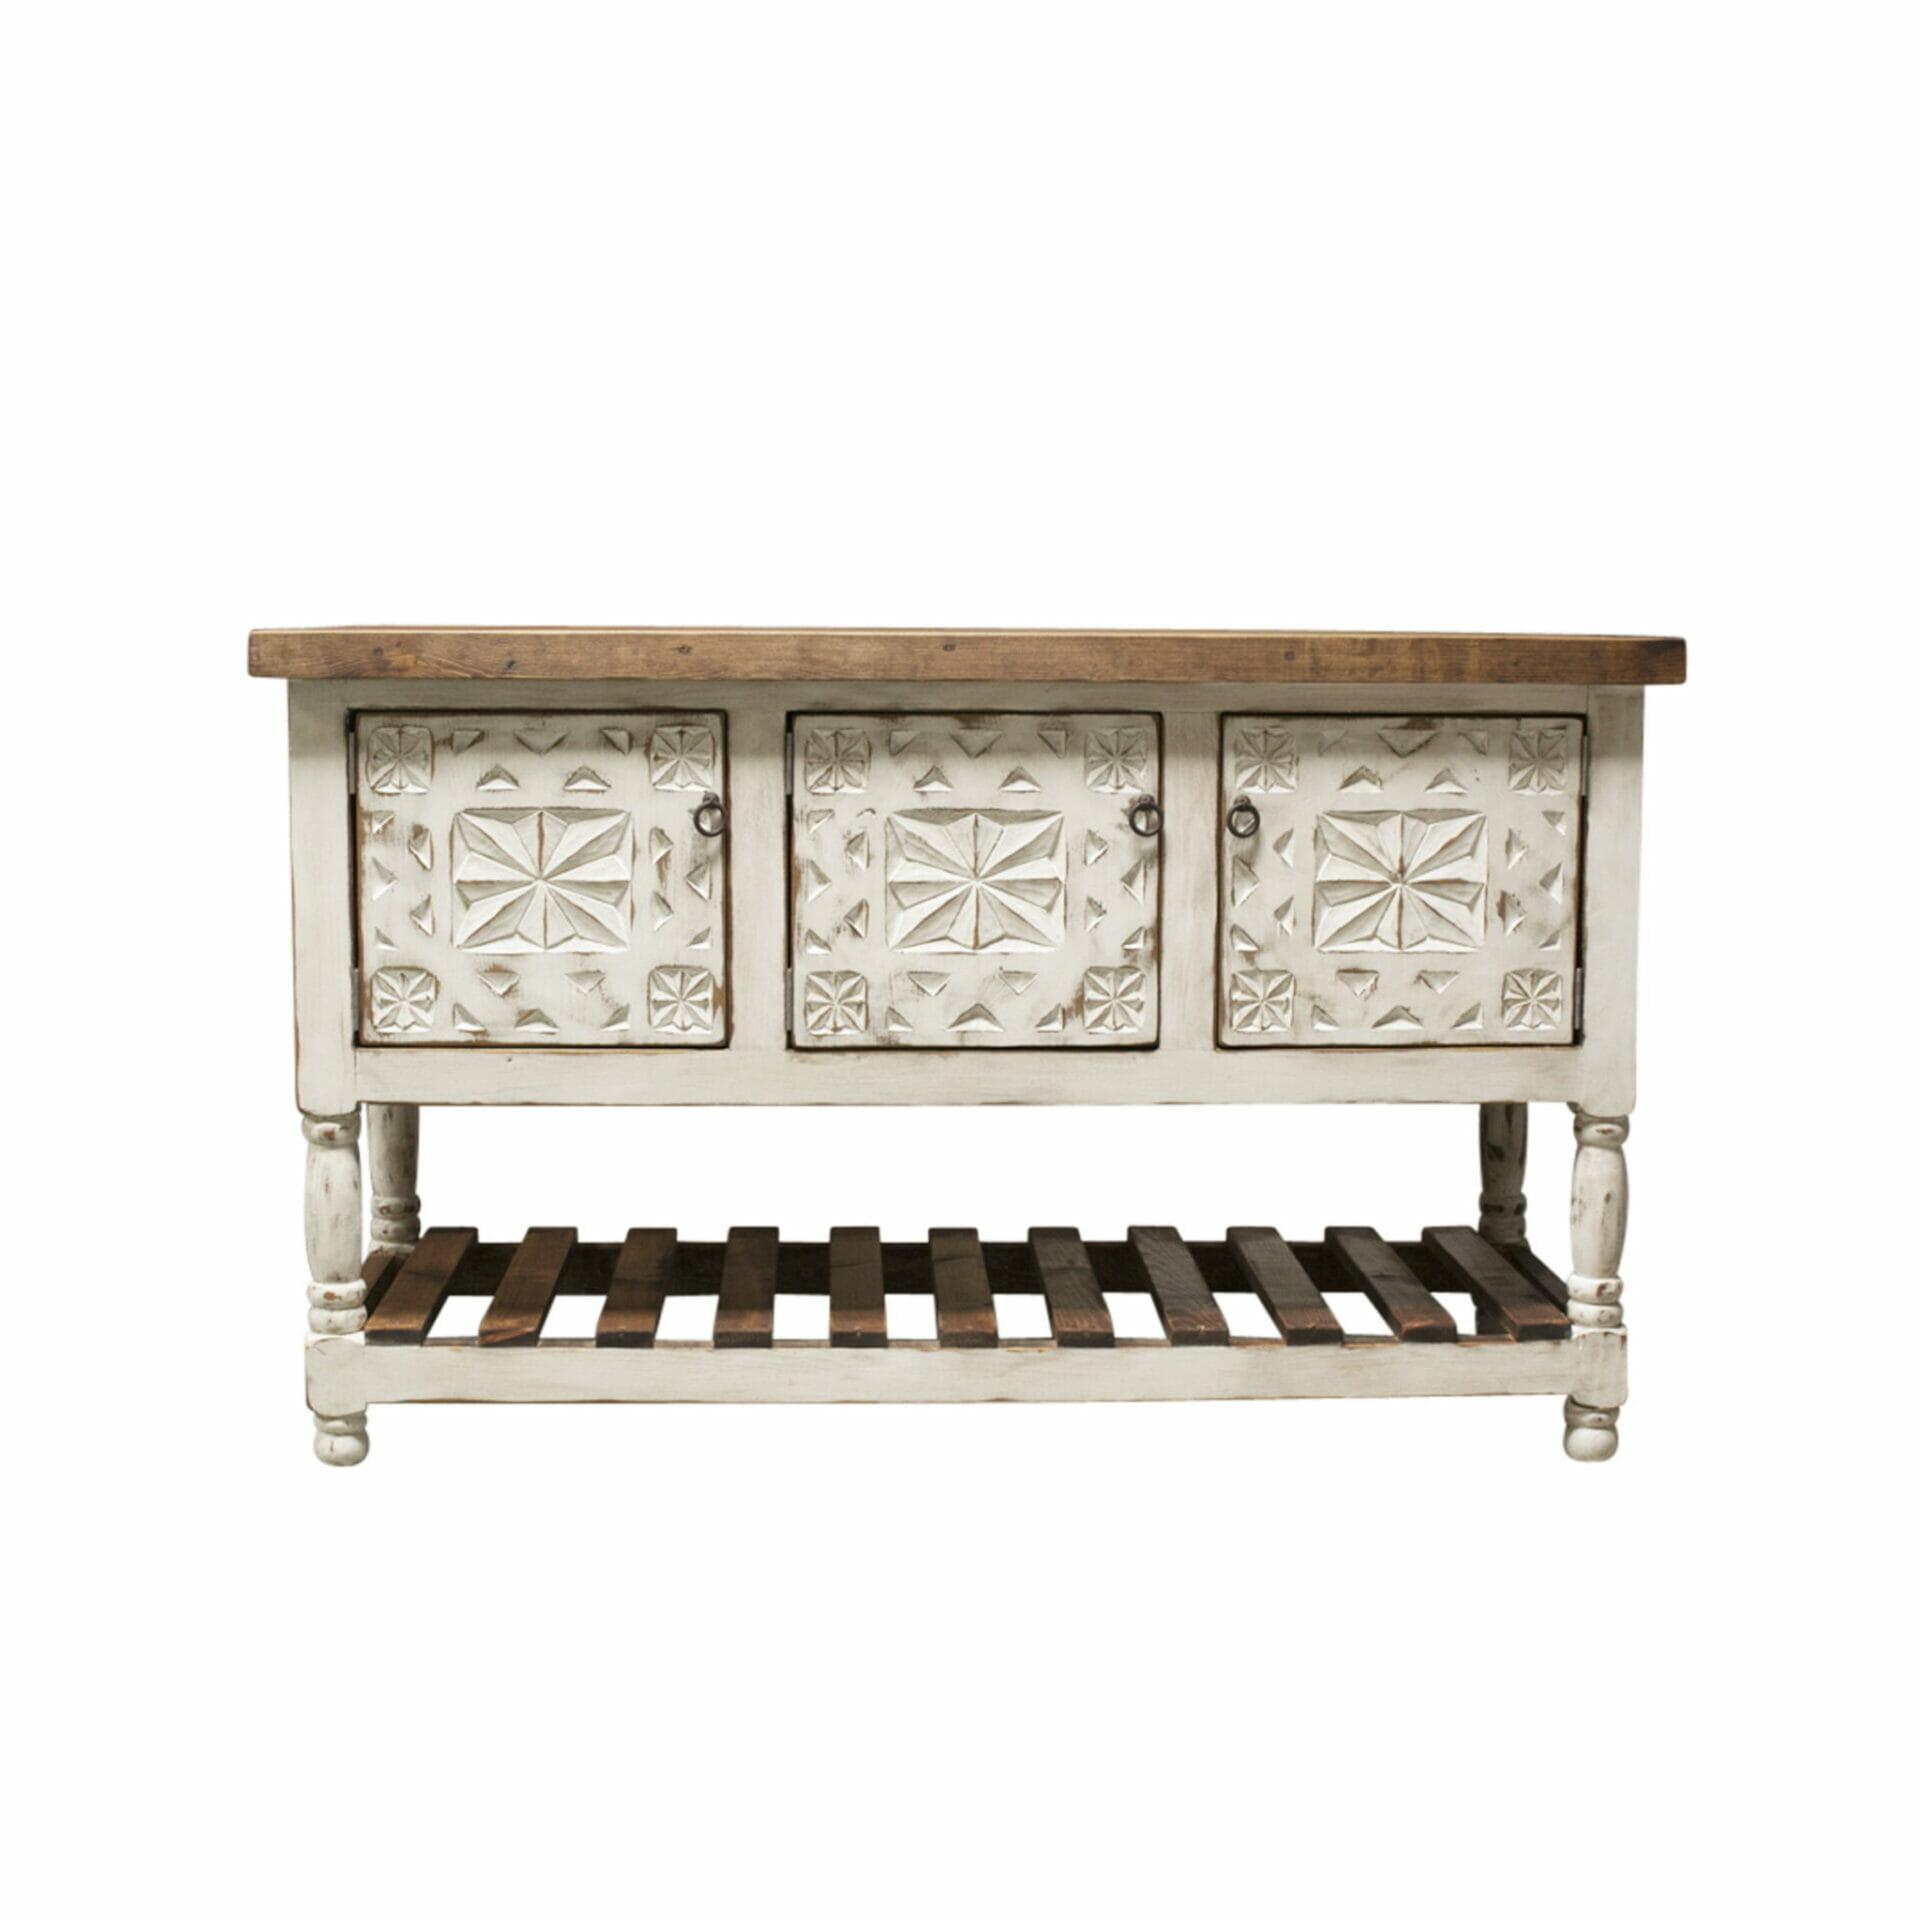 New Wood Vanities | Buy Rustic Bathroom Vanities Online | Unique ...